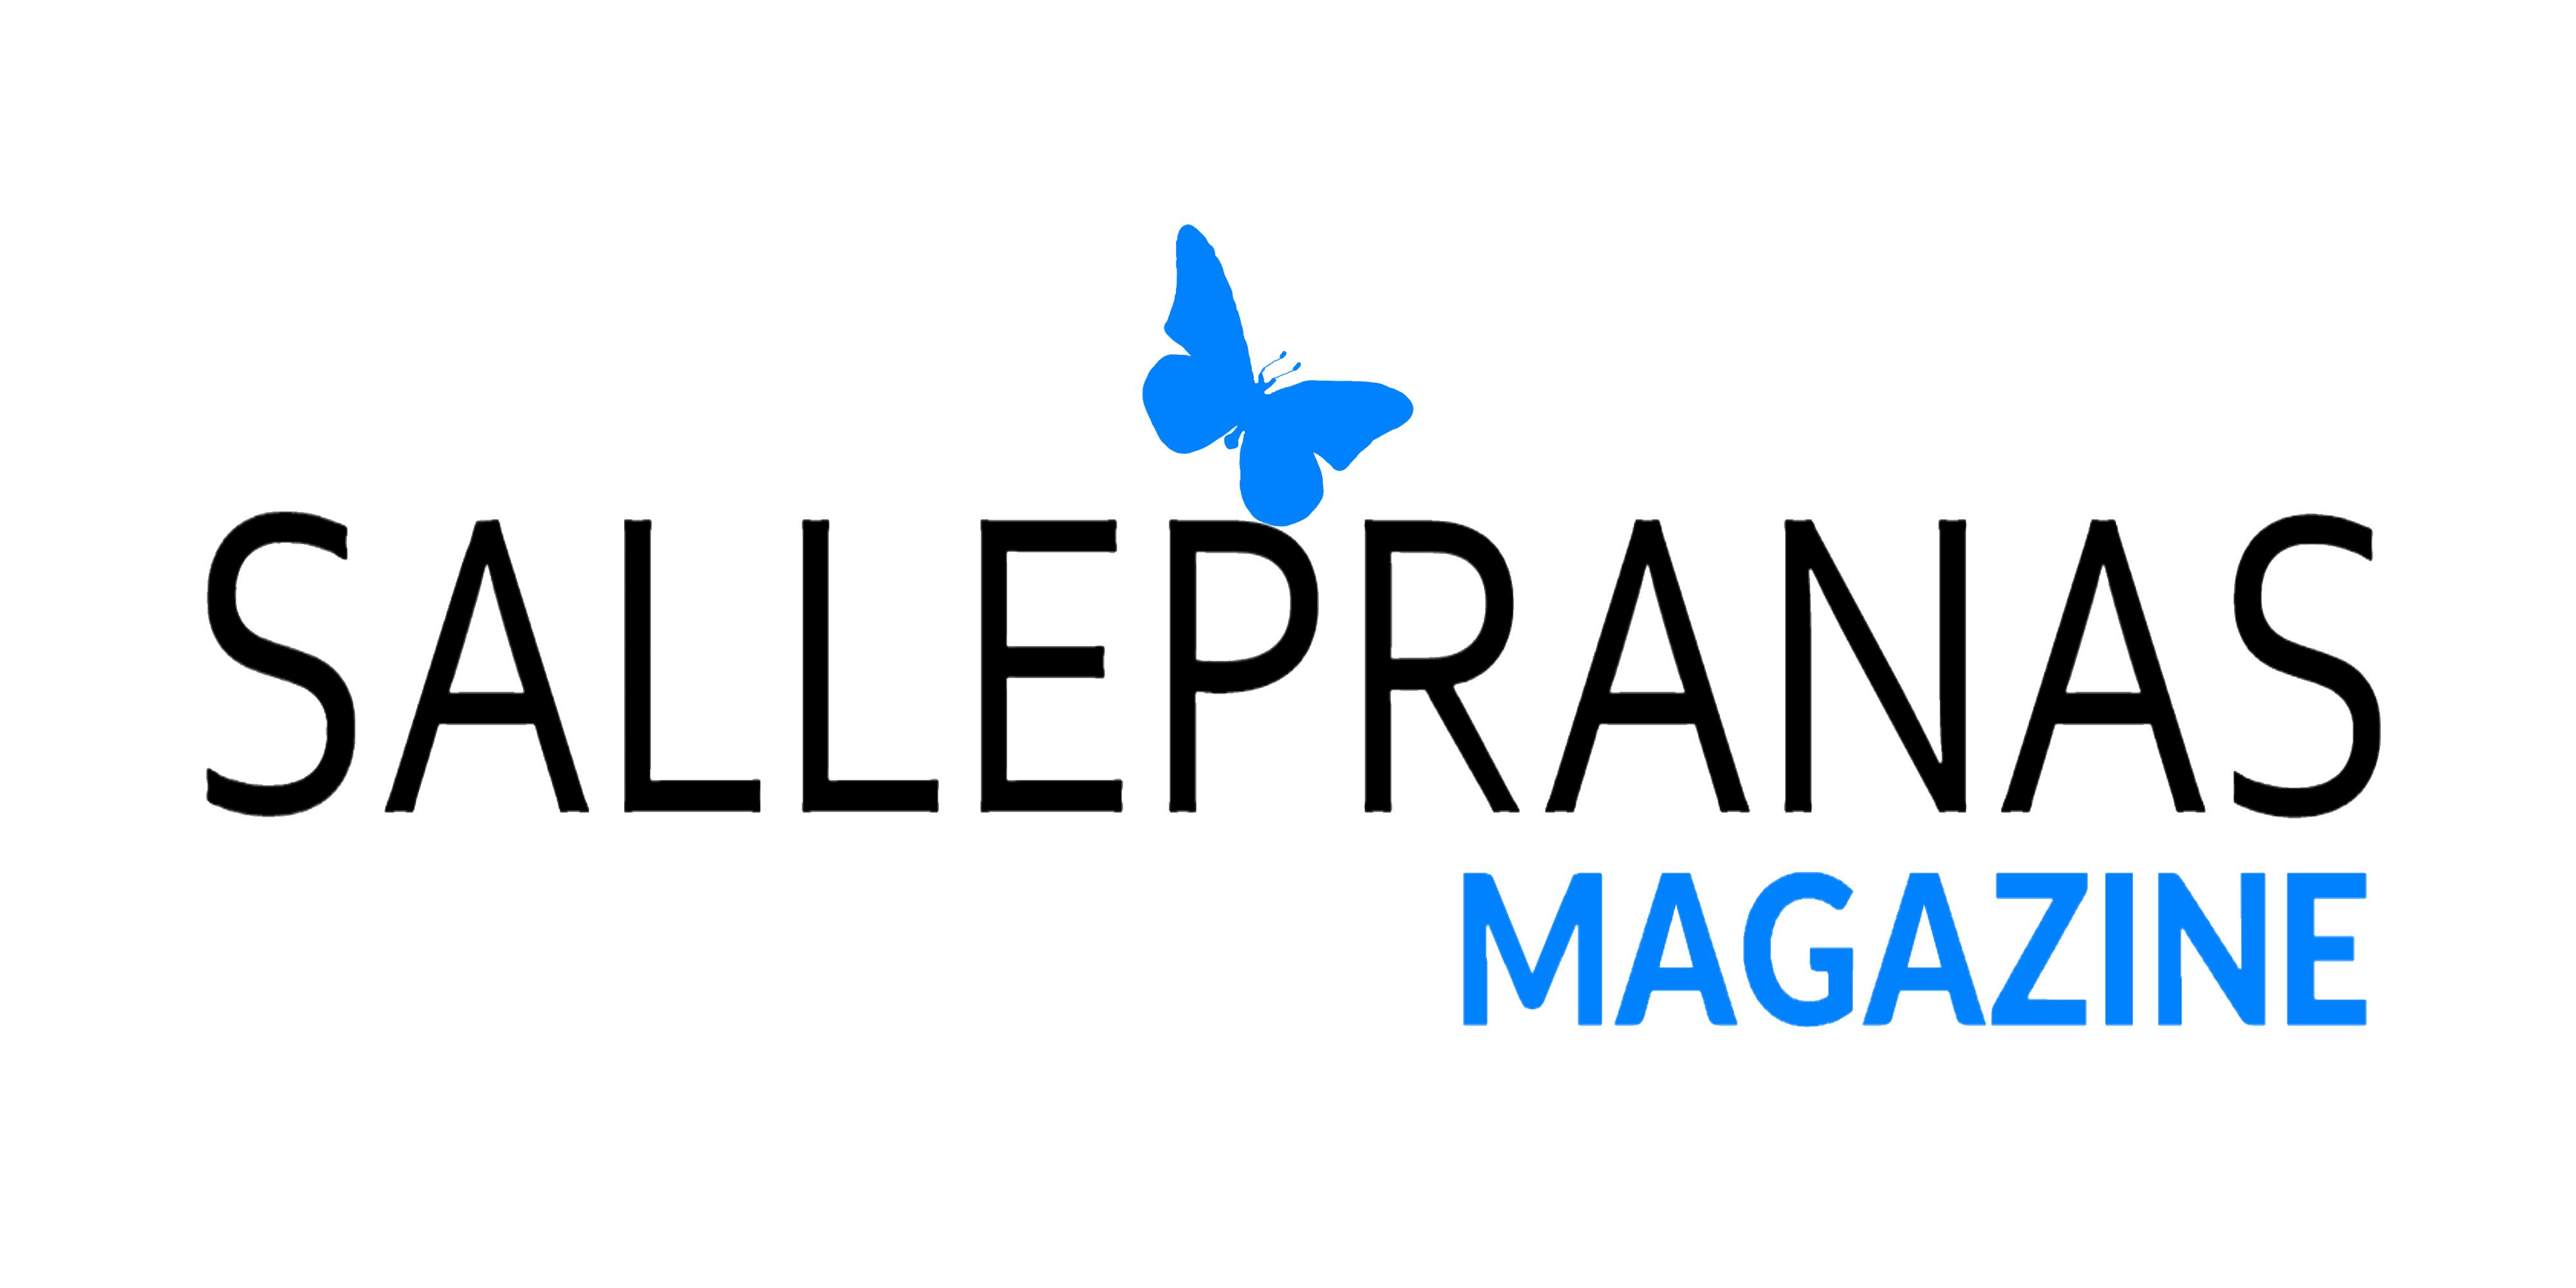 Sallepranas Magazine